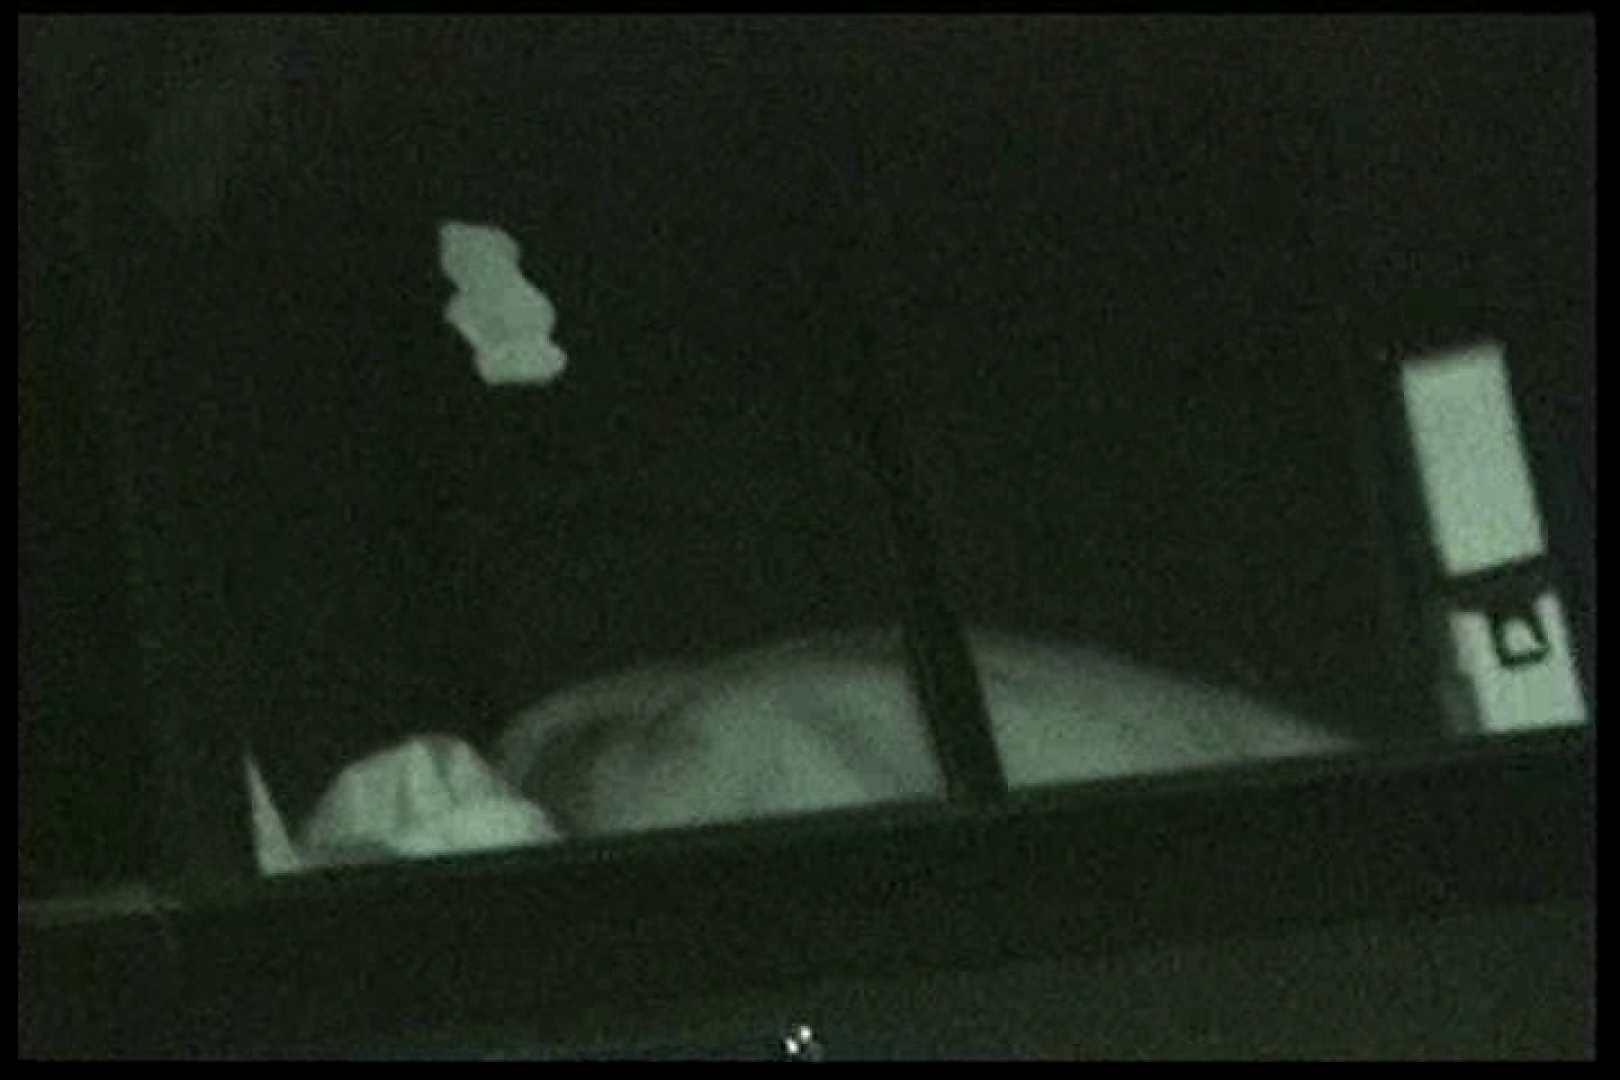 車の中はラブホテル 無修正版  Vol.14 ホテル隠し撮り すけべAV動画紹介 77pic 29